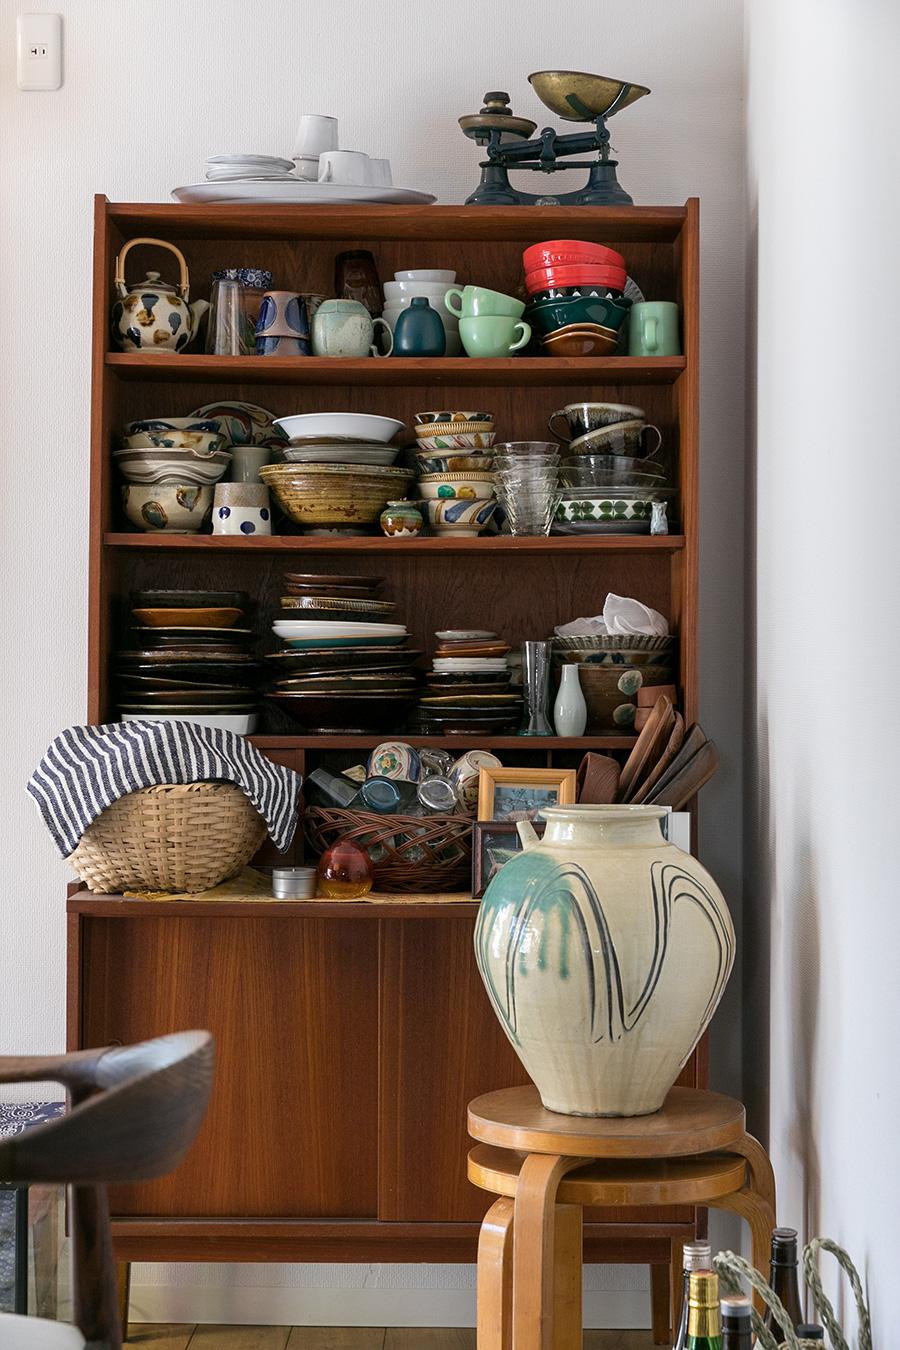 食器棚として使っている文机には、沖縄の焼物、やちむんなどが並ぶ。手前の小鹿田焼の大きな雲助は柳瀬朝夫さんの作品。